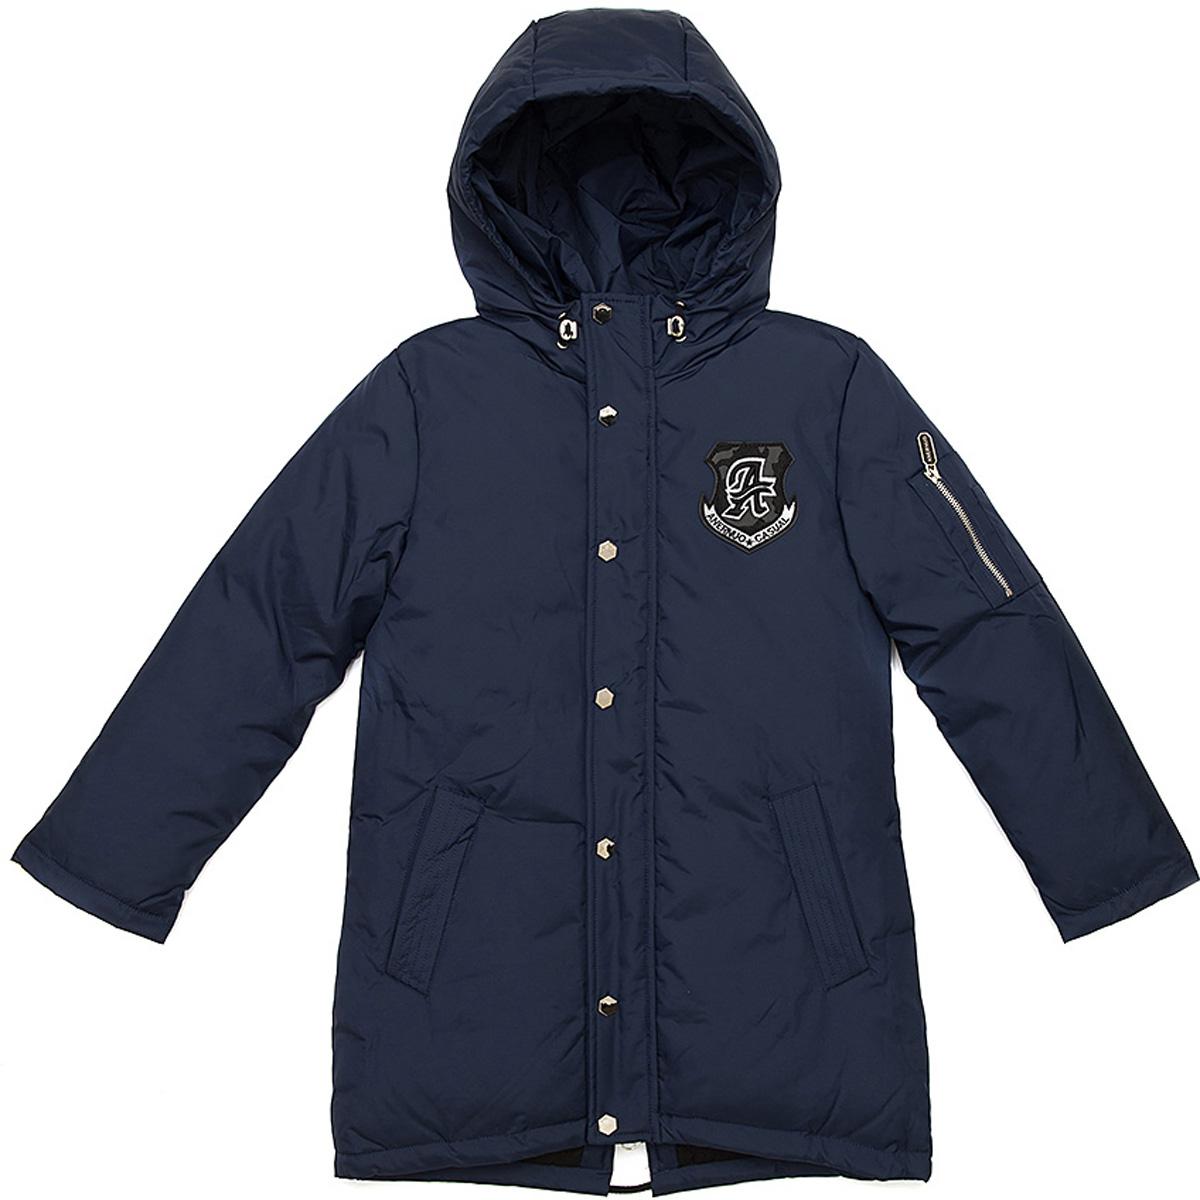 Куртка для мальчика Vitacci, цвет: голубой. 1171485-44. Размер 1501171485-44Куртка для мальчика удлиненная. Подкладка дополнительно утеплена флисом по спинке. Наполнитель БИО ПУХ. Температурный режим от -5°С до -20°С.